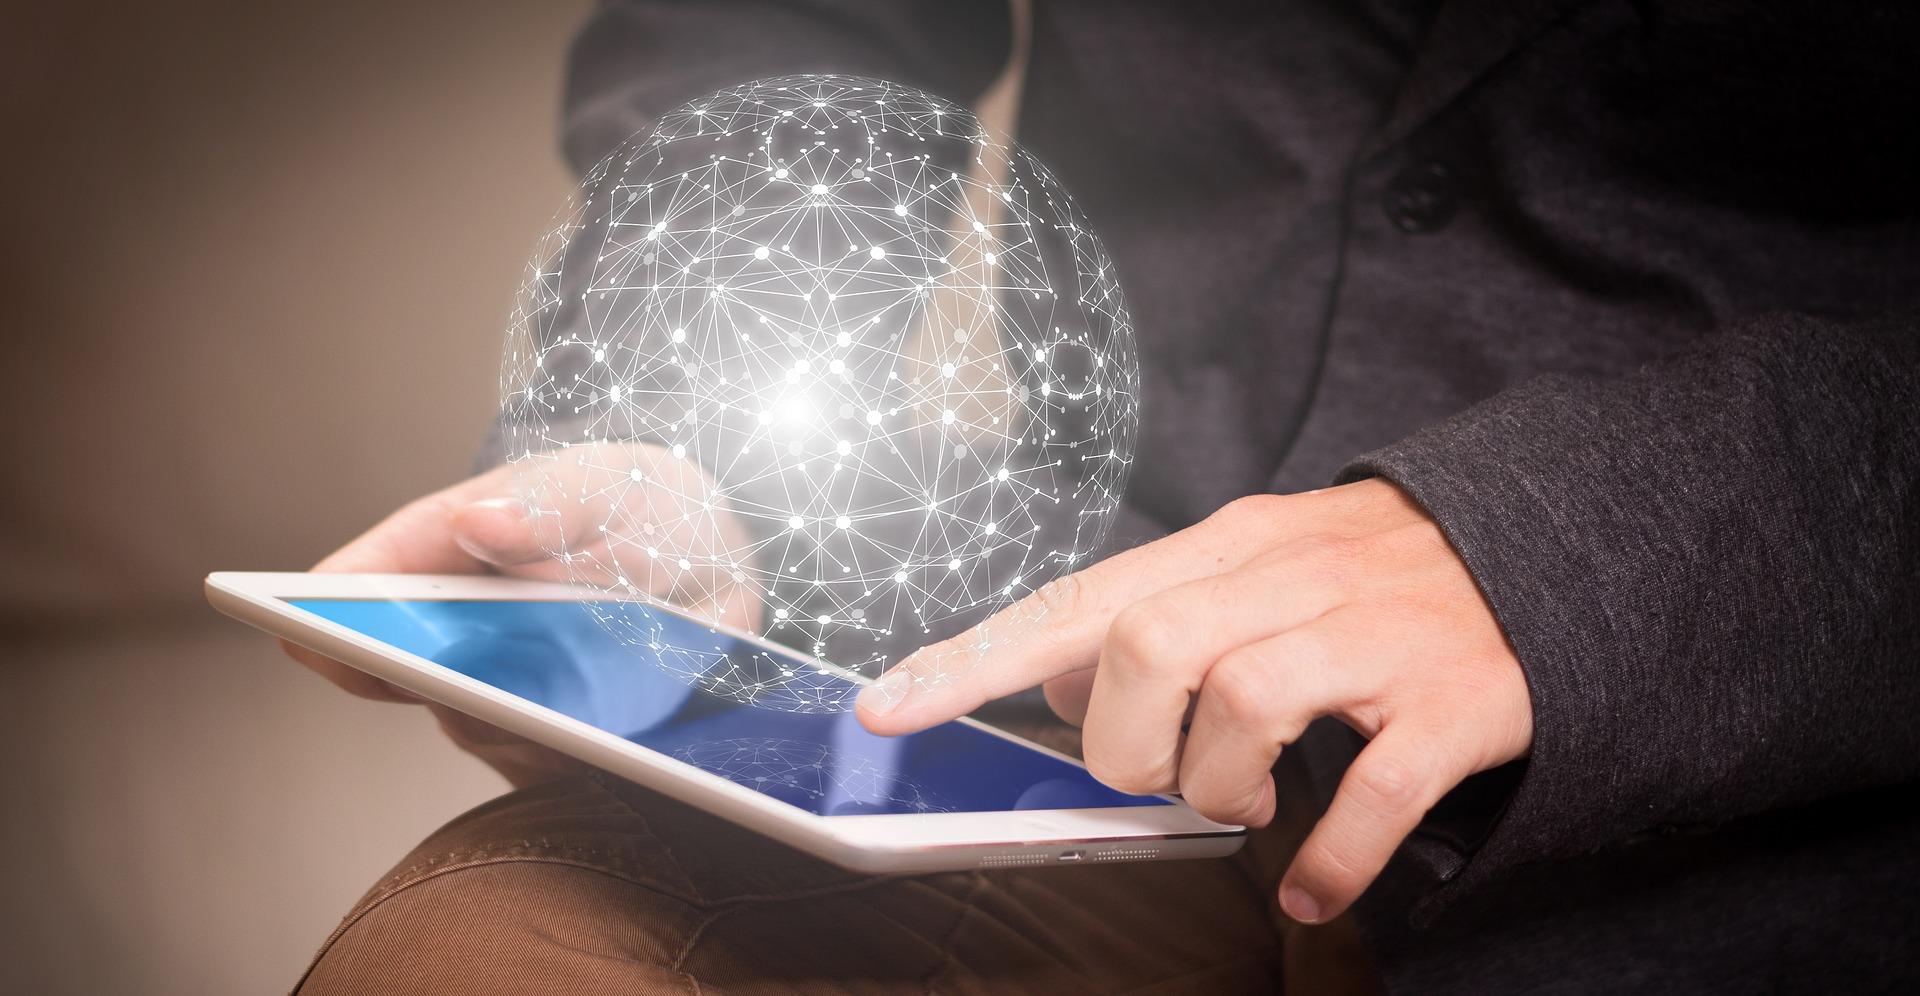 00008_Bild für Blog der General Consulting Group Unternehmensberatung mit den Schwerpunkten Businessplan, Förderung, Gesellschaftsvertrag, Digitalisierung, Website, Social Media und Datenschutz